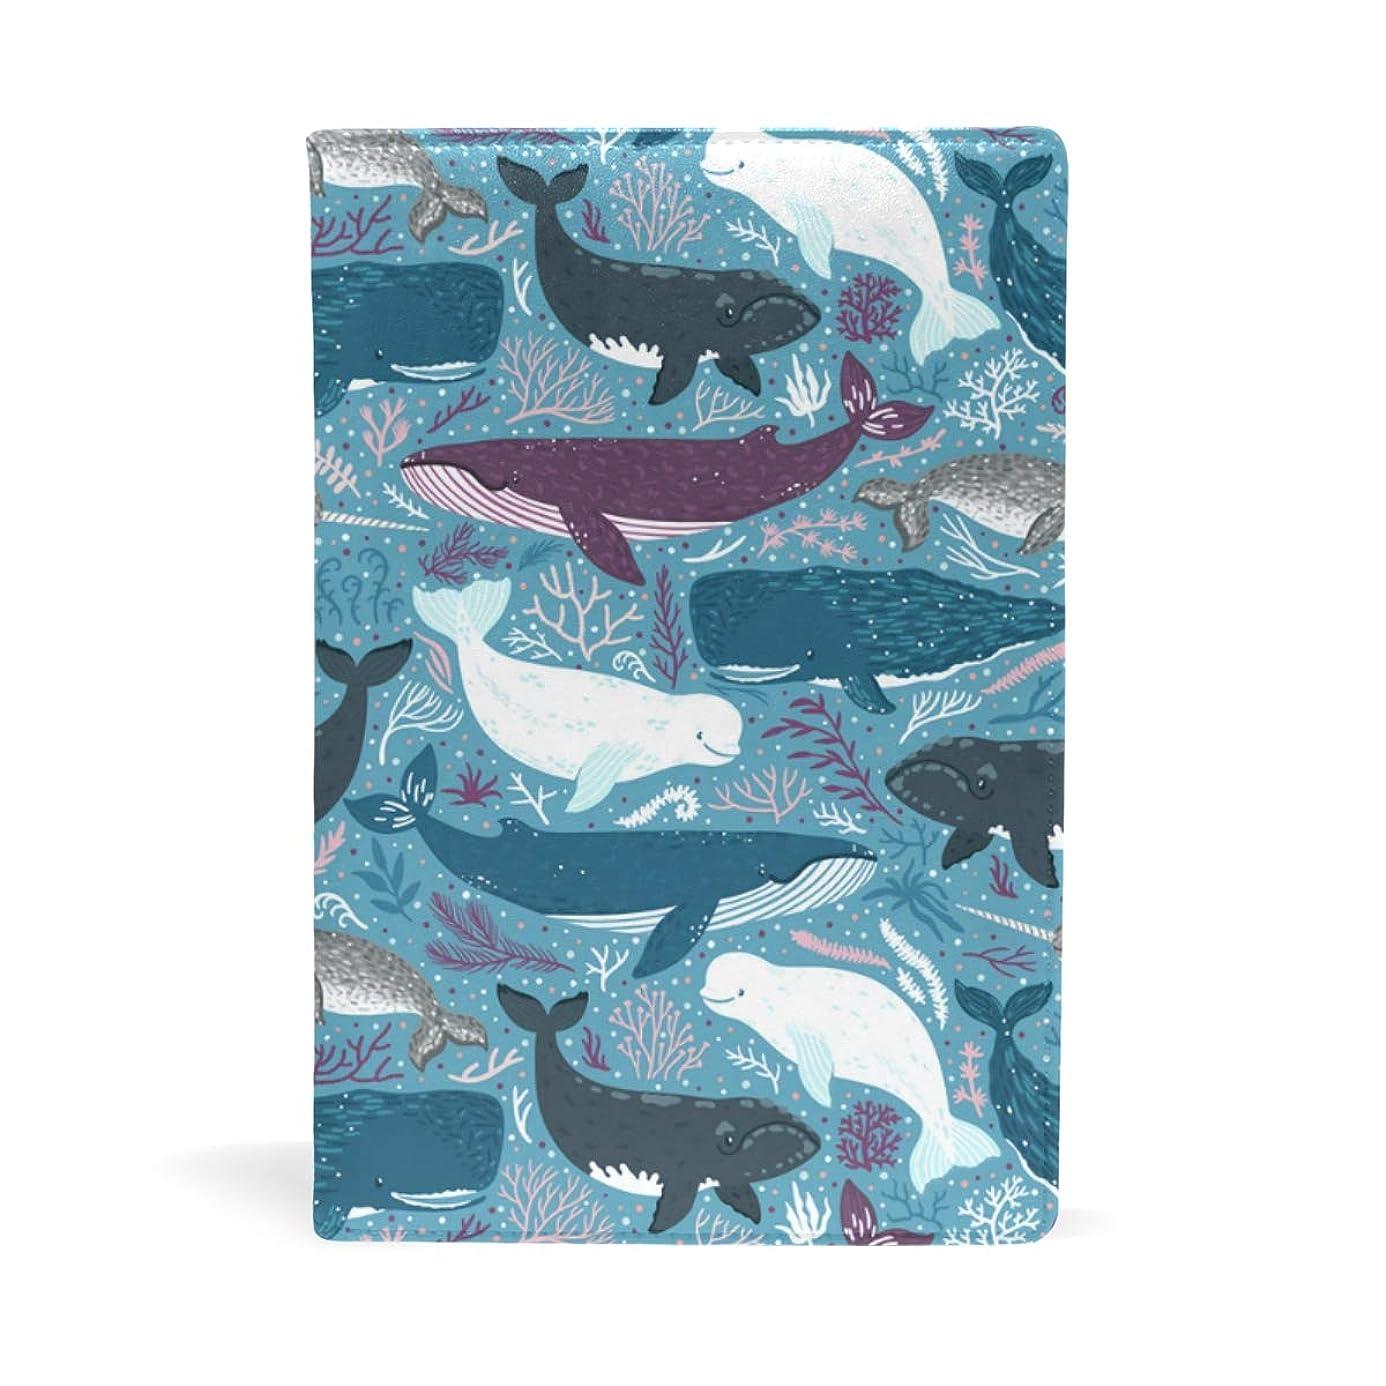 献身ジャベスウィルソン酸化する鯨柄 白紫青 ブックカバー 文庫 a5 皮革 おしゃれ 文庫本カバー 資料 収納入れ オフィス用品 読書 雑貨 プレゼント耐久性に優れ